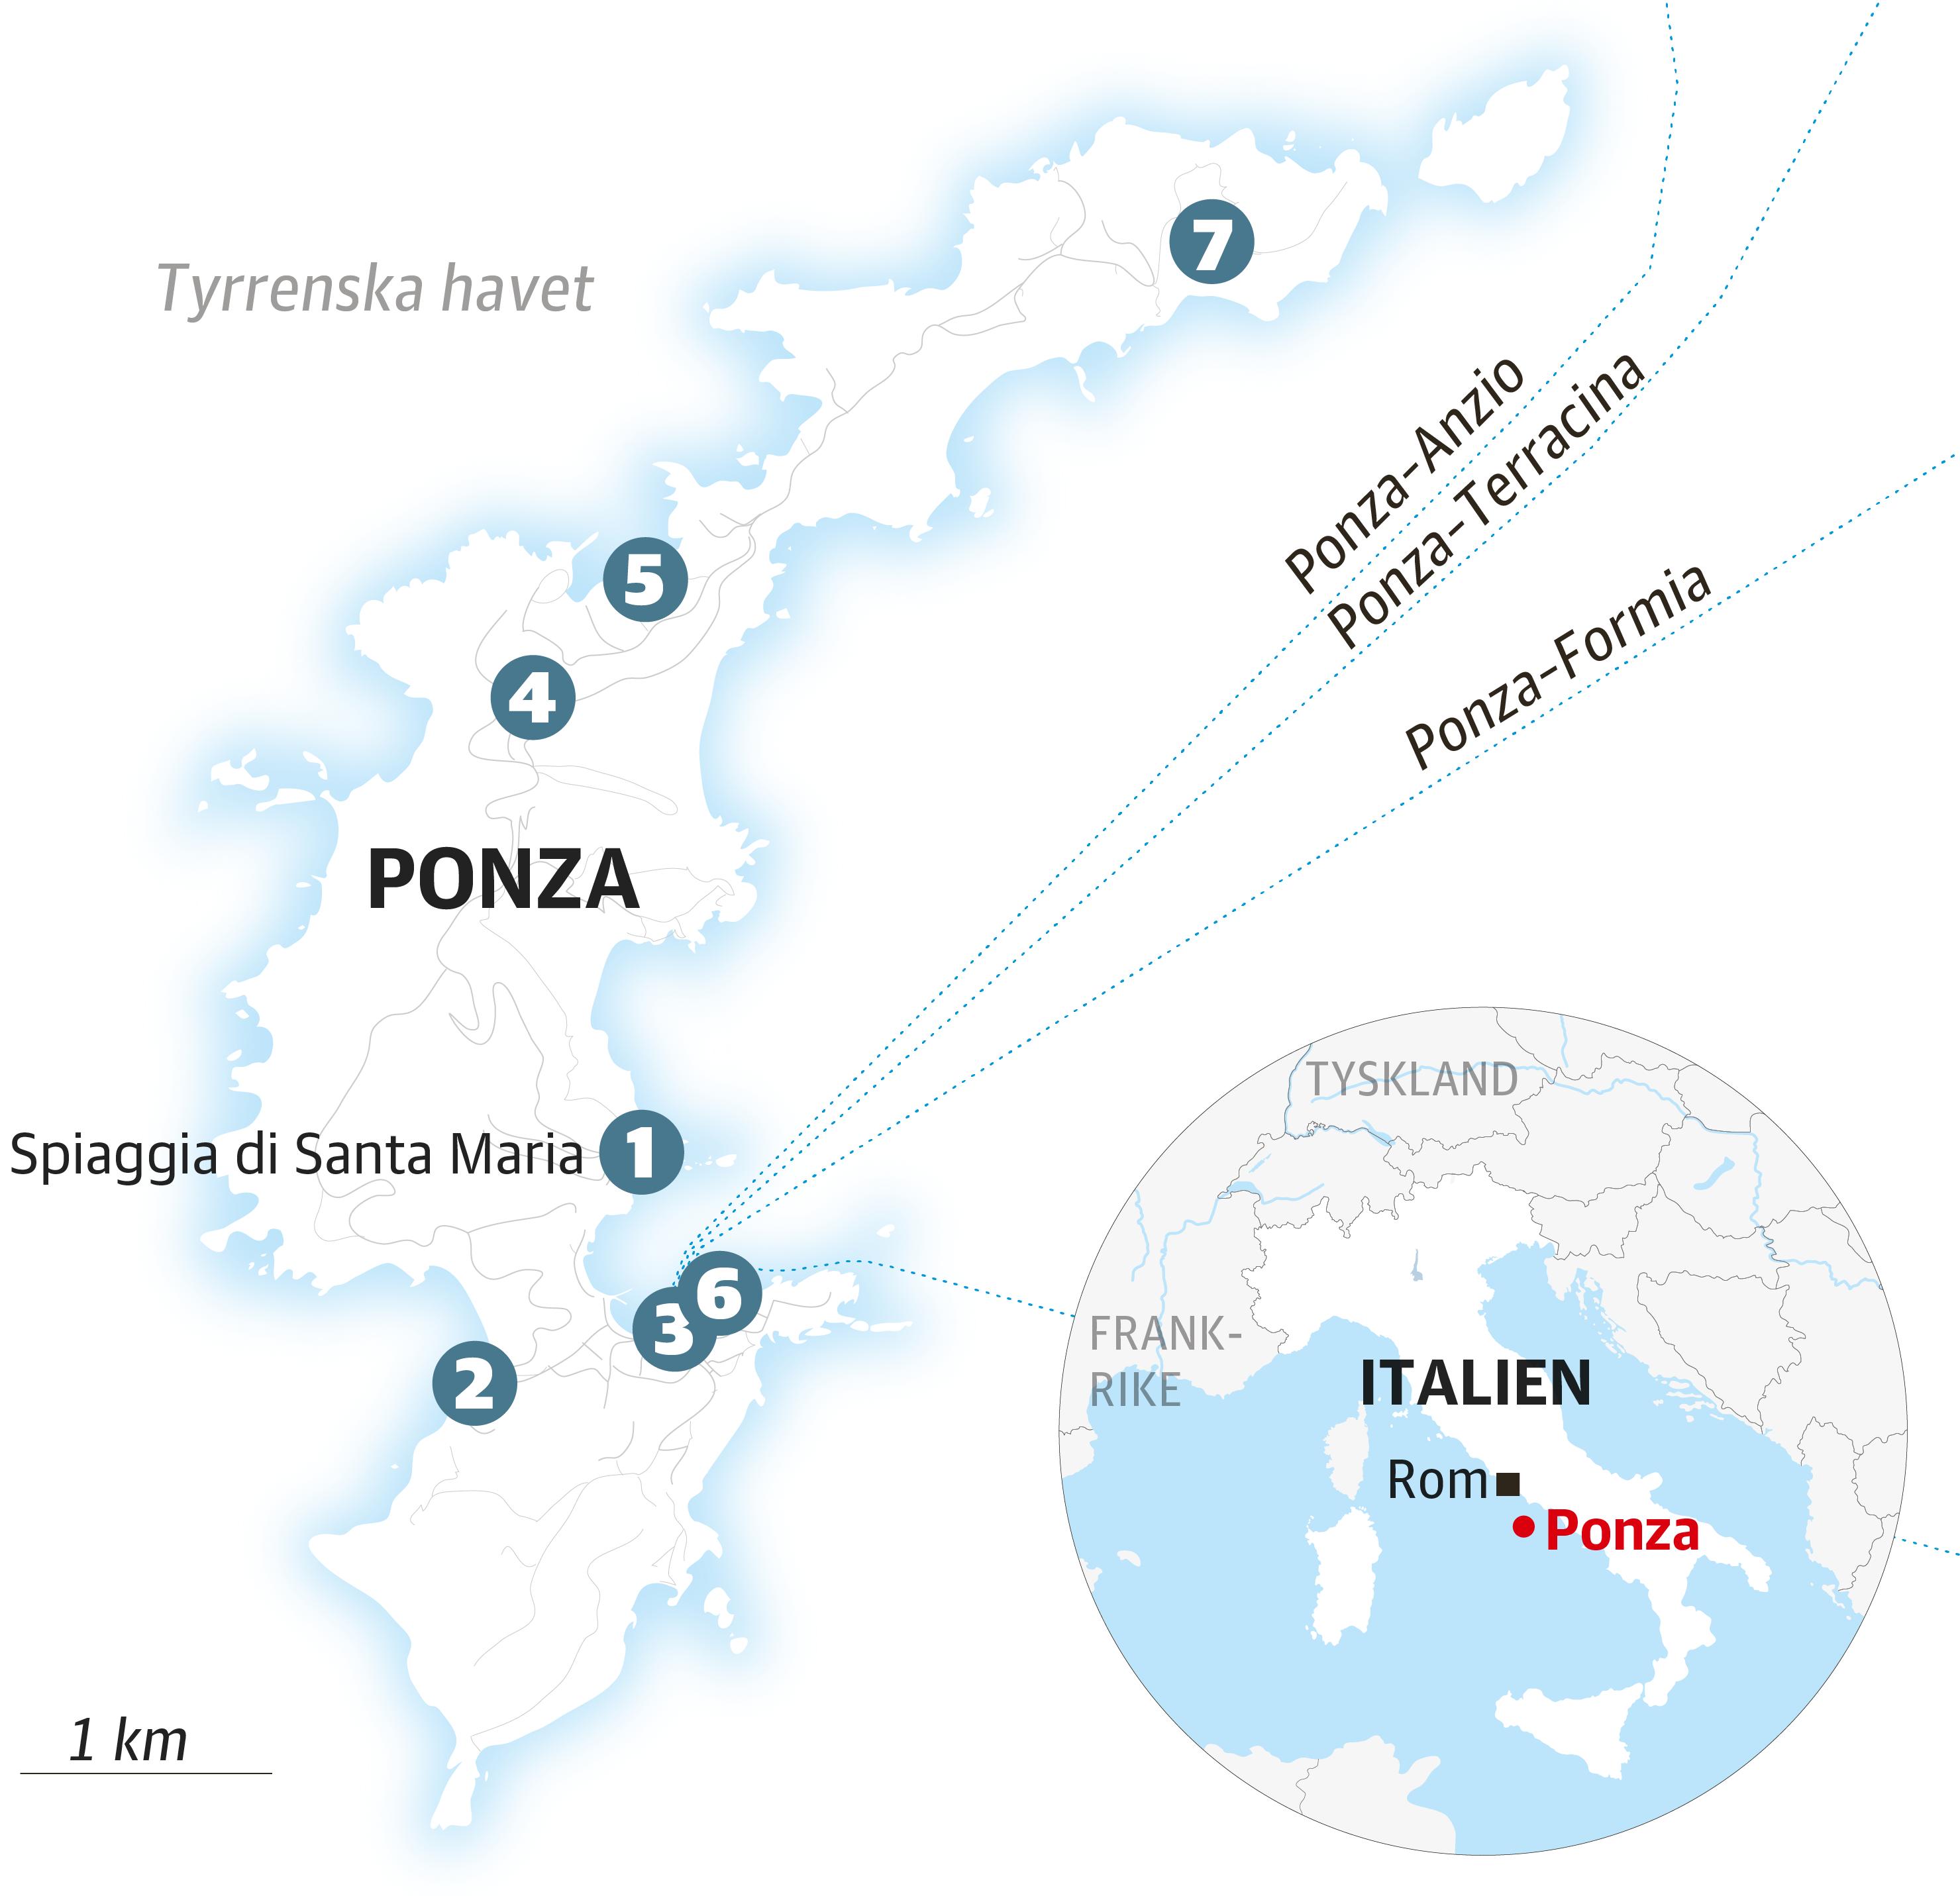 54ab157c Resereportage: Hitta till den italienska ön Ponza - DN.SE